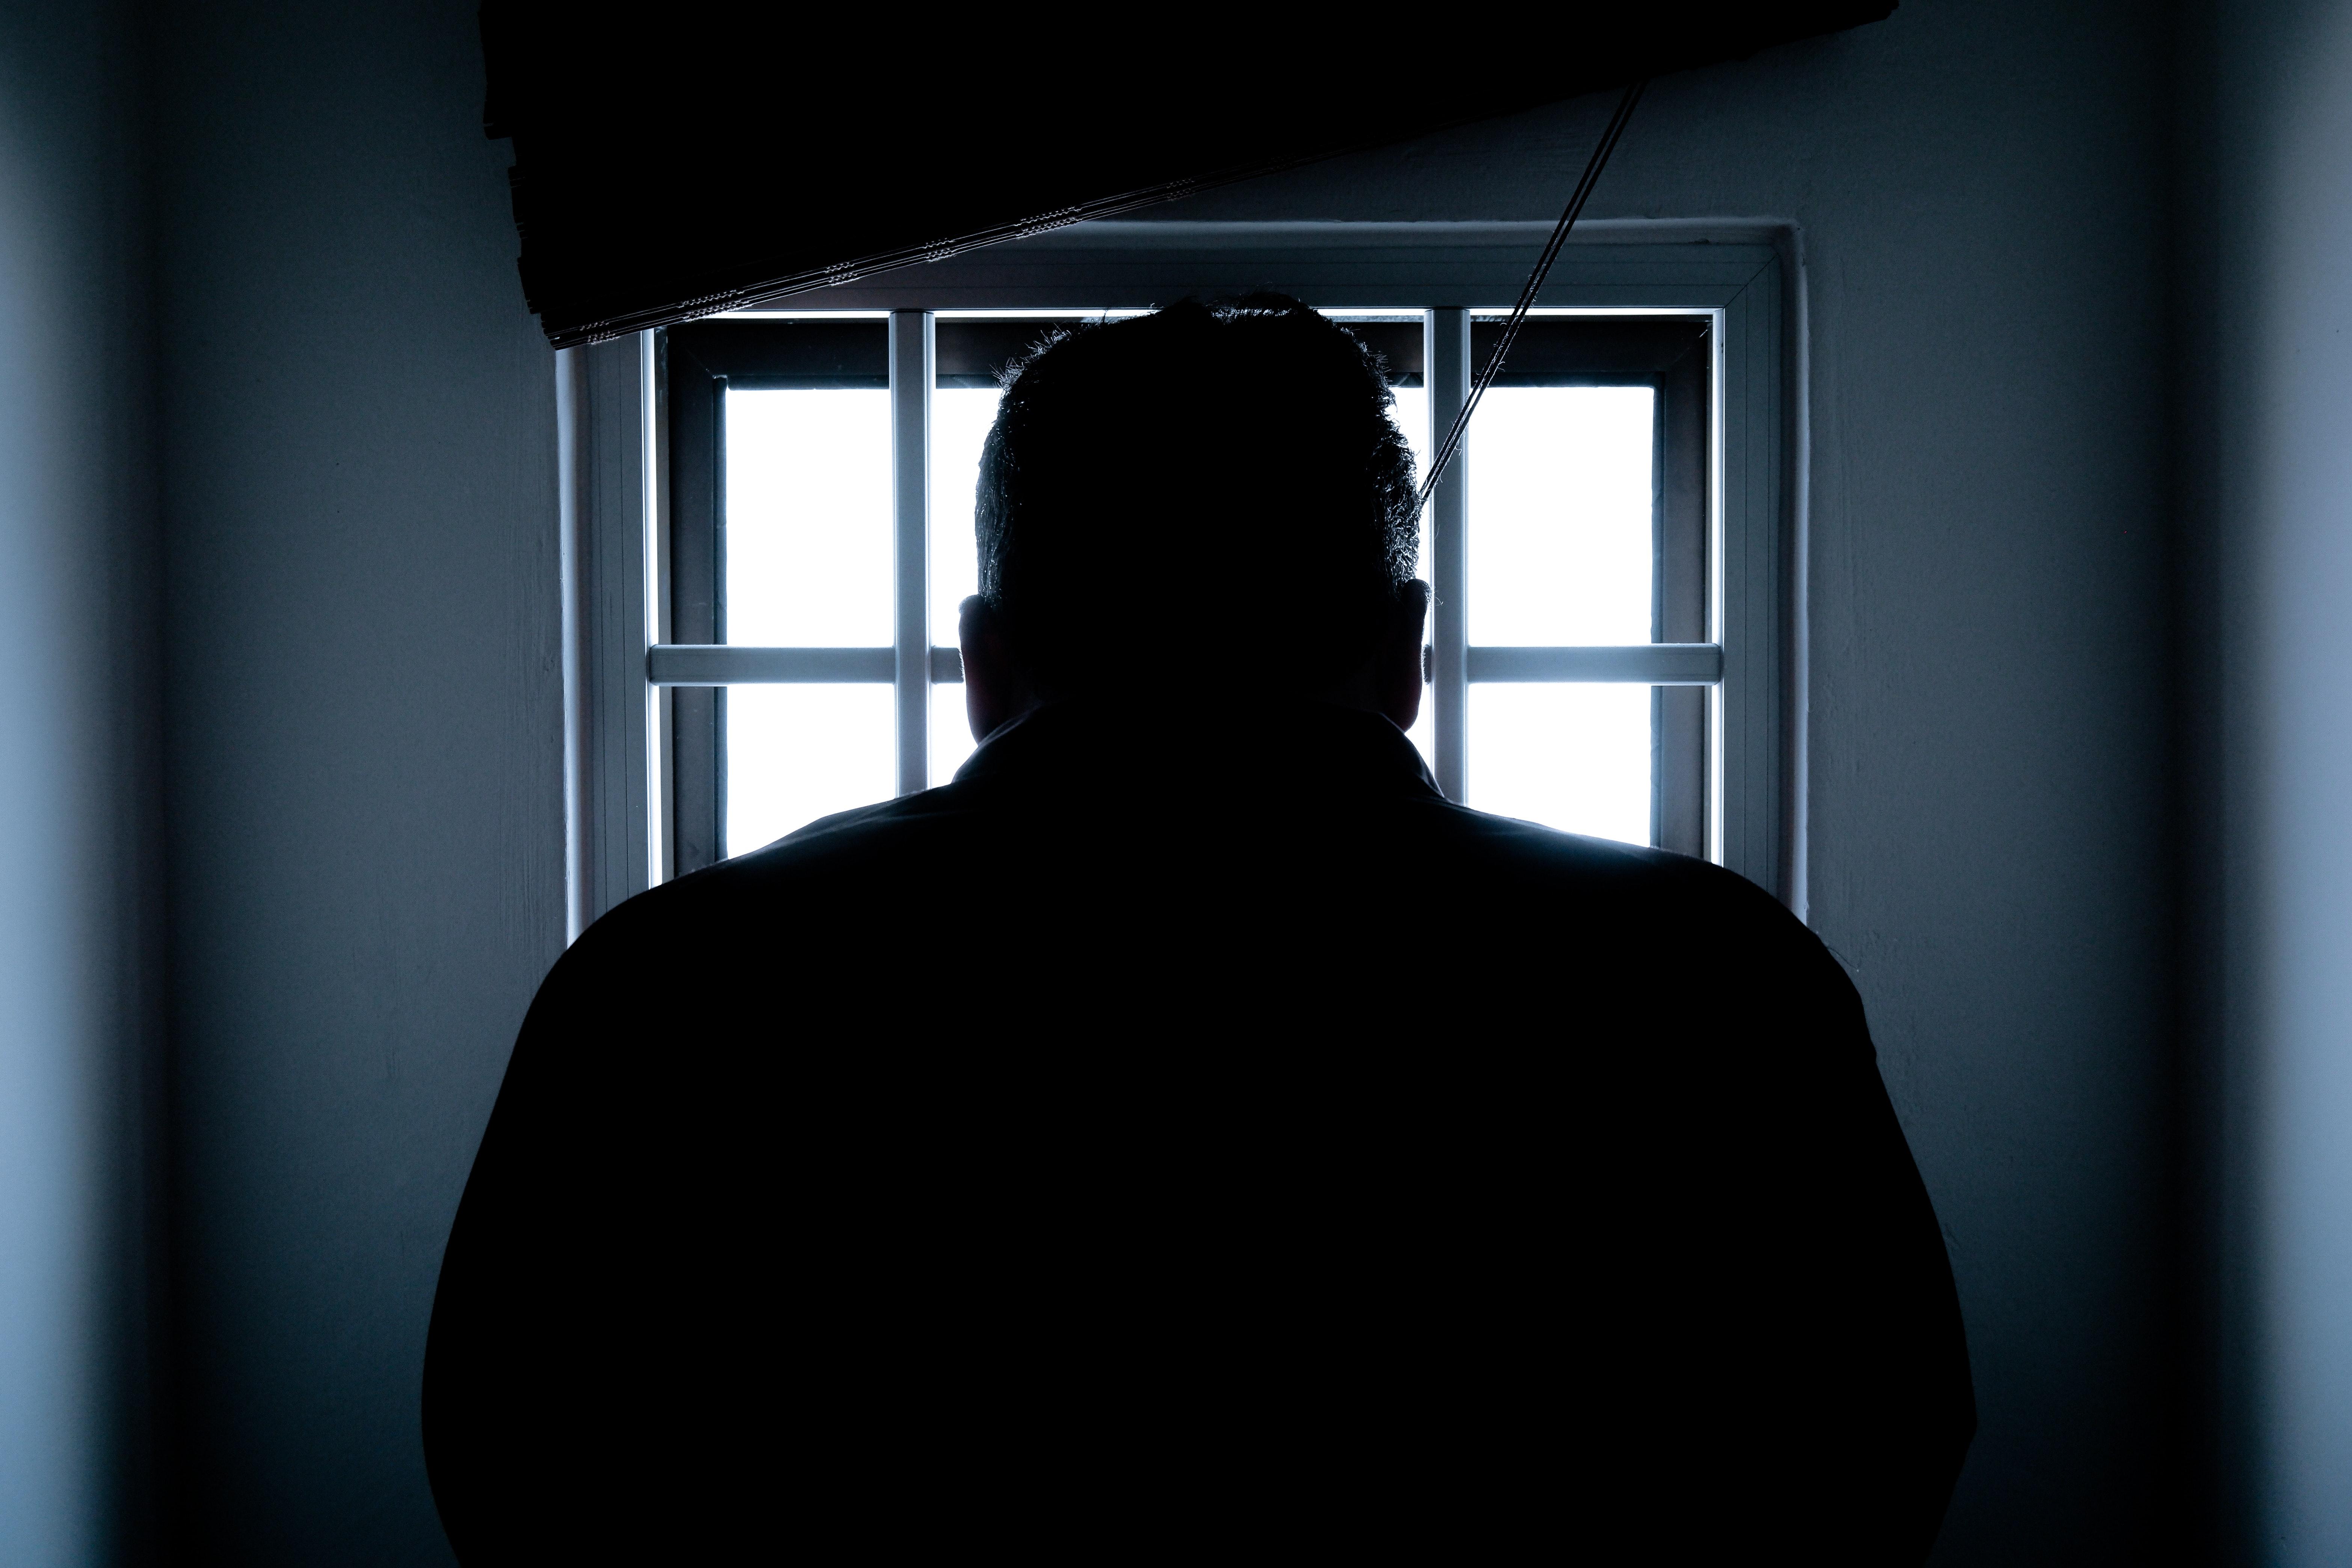 backlit-crime-dark-143580